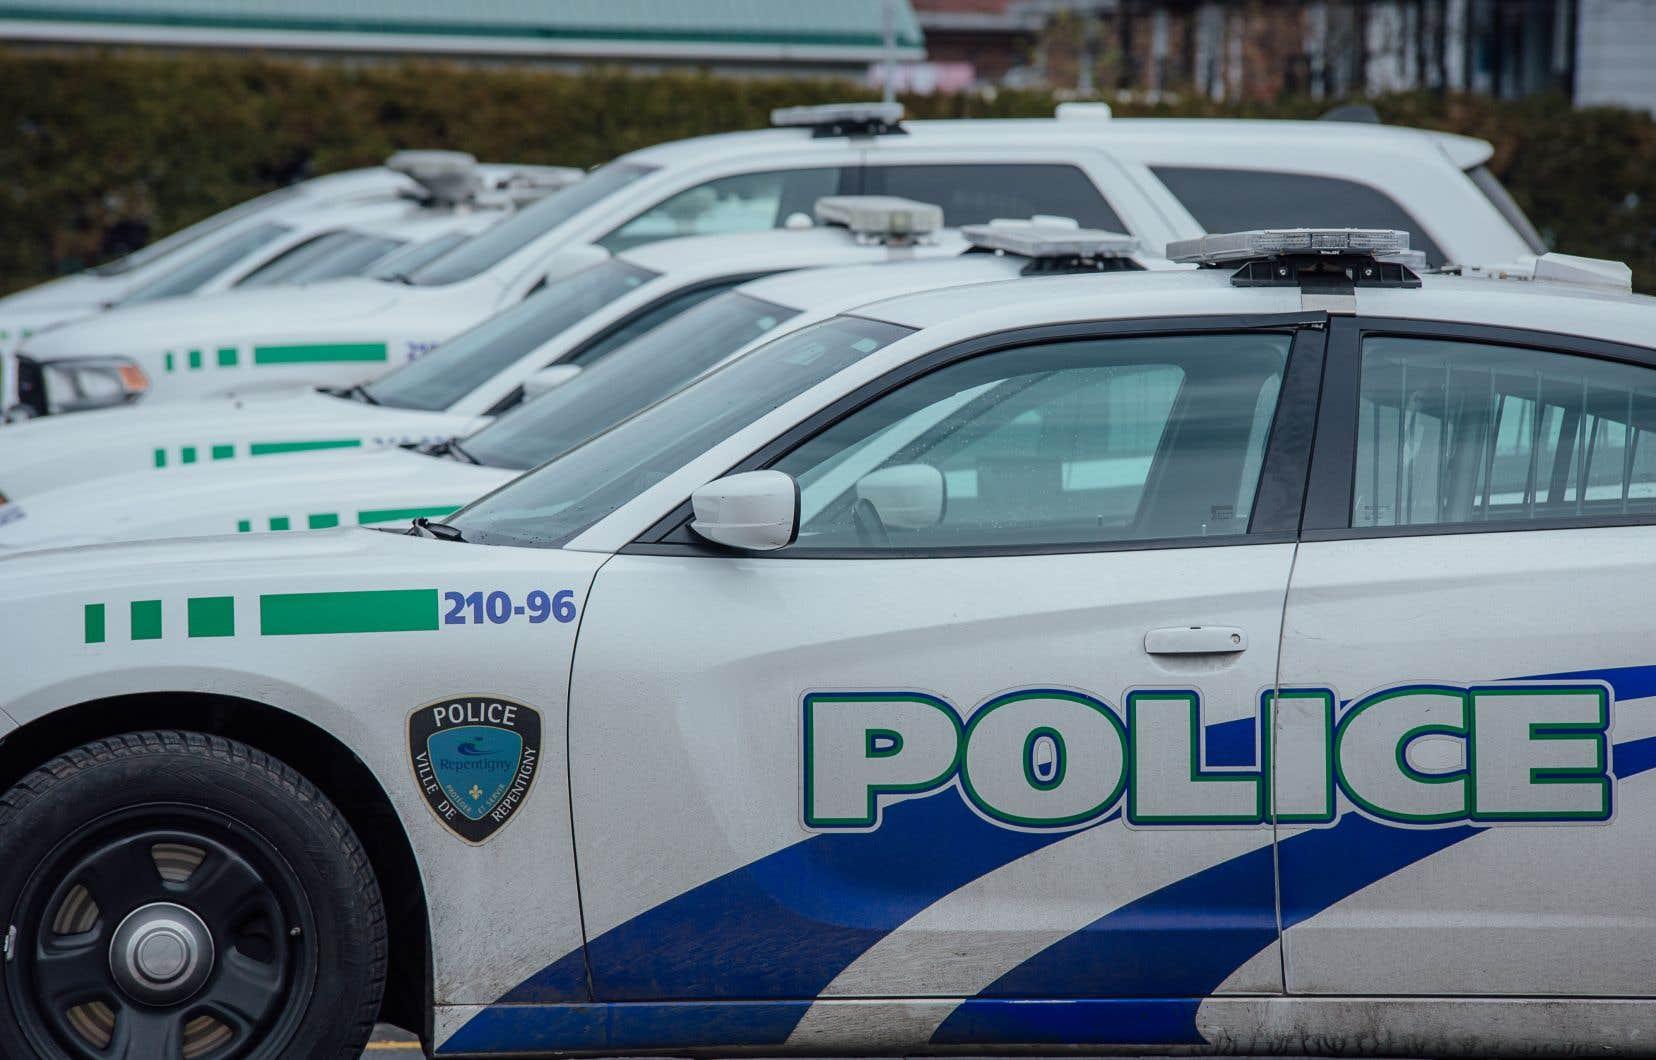 «Les policiers auraient tenté de verbaliser avec le sujet qui aurait pris la fuite à pied. Ce dernier aurait eu en sa possession un couteau et se serait montré menaçant envers les policiers», indique le communiqué du BEI.